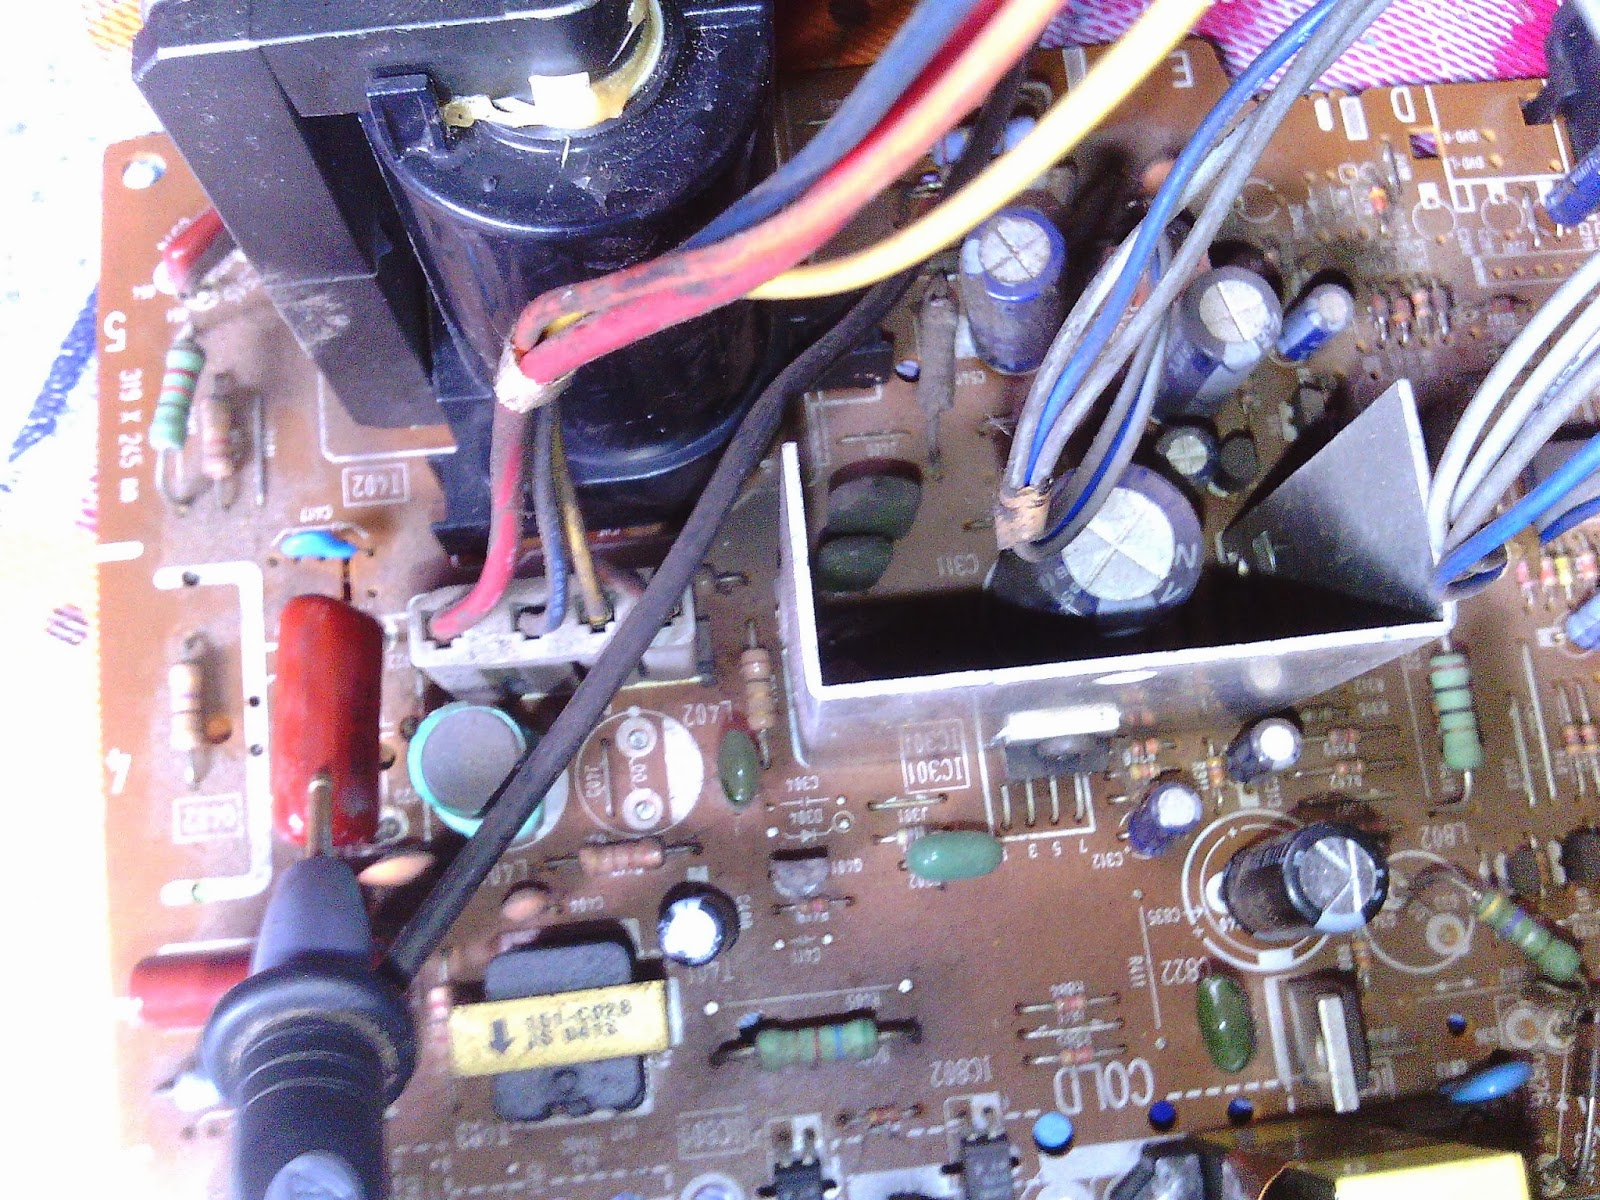 Kerusakan Umum Pada Tv Gangguan Beberapa Blok Elko 10uf 250v Ic Jeboldefleksi Vertikal Terbakar Atau Putuselko Bagian Soak Gambar 1 Garis Lurus Atas Dan Bawah Kemungkinan Rusaknya Driver